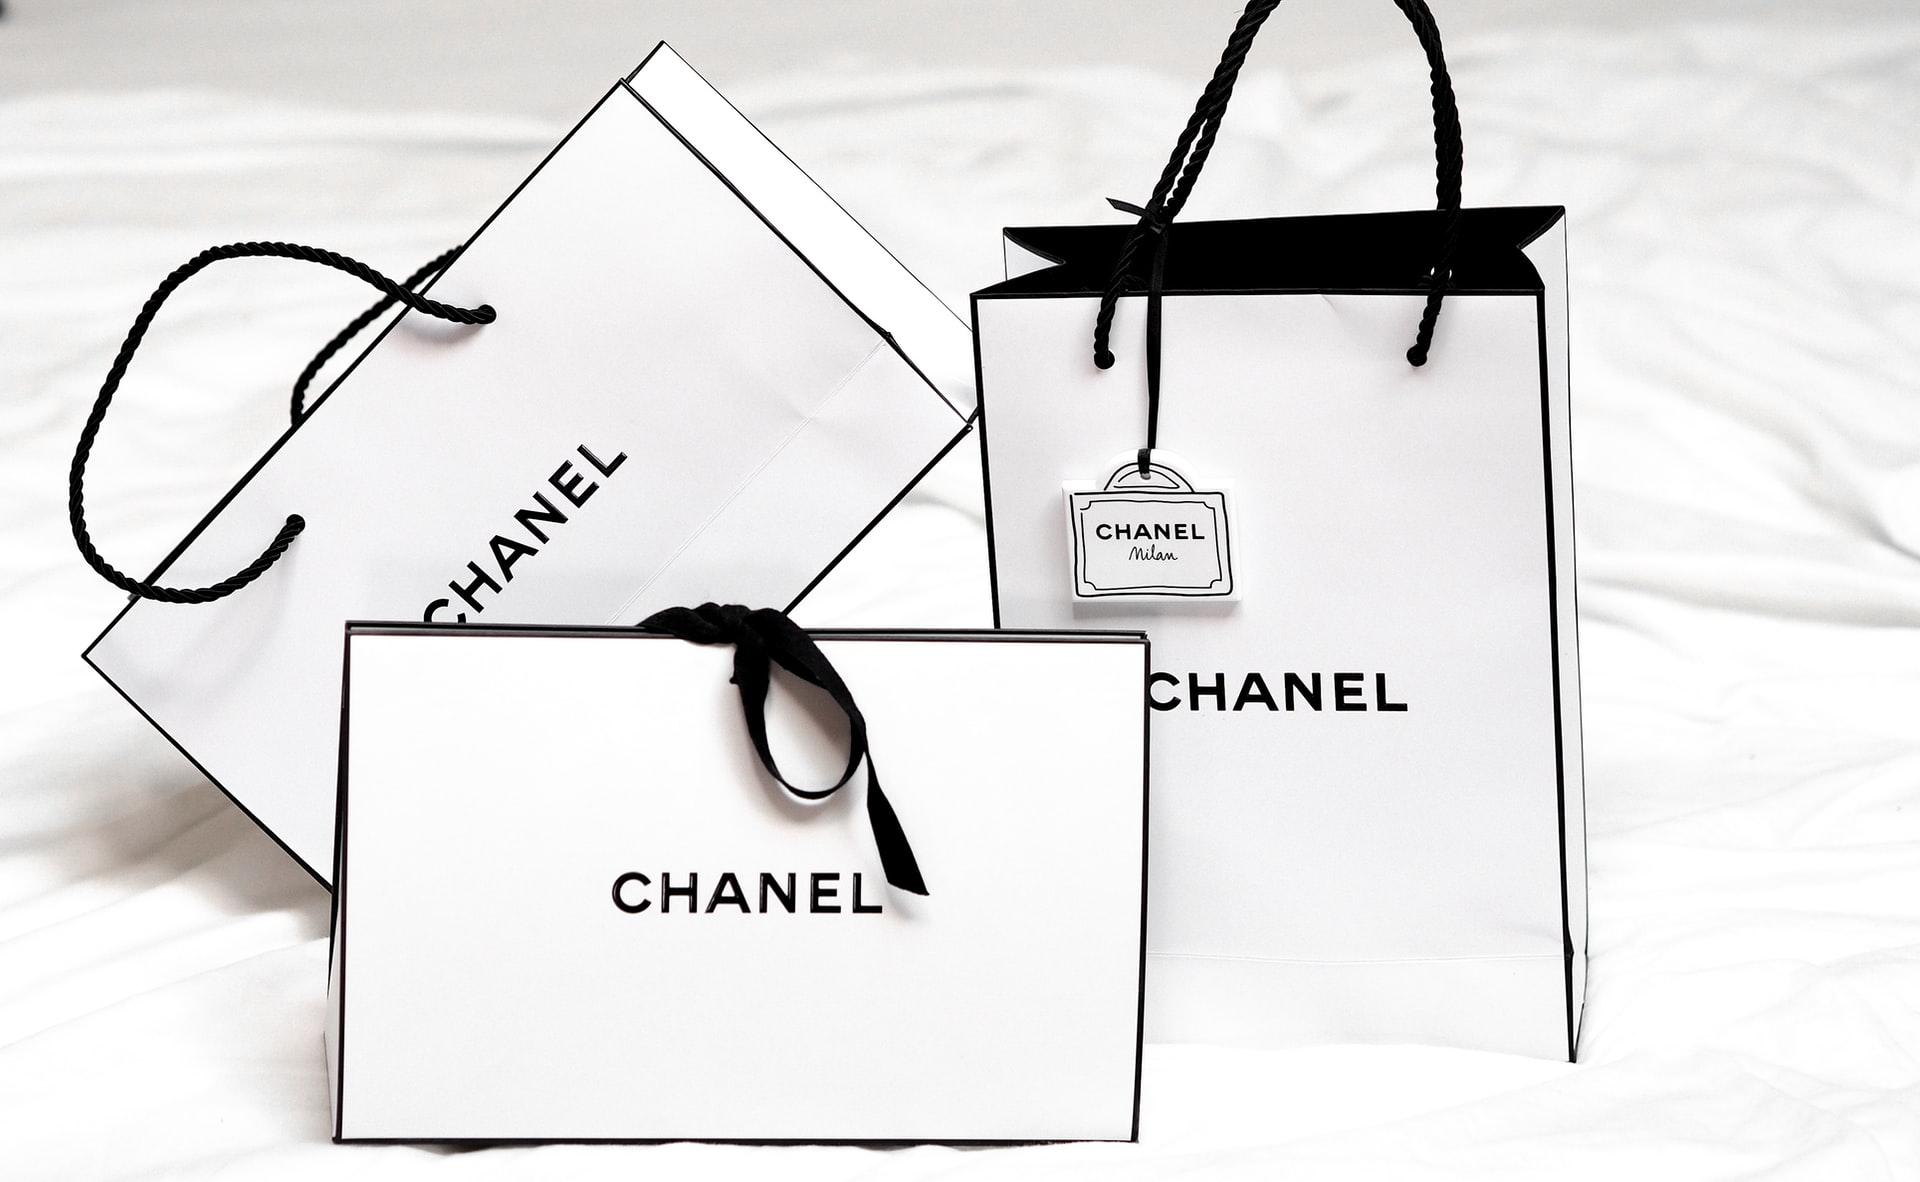 CHANEL Fashionshows